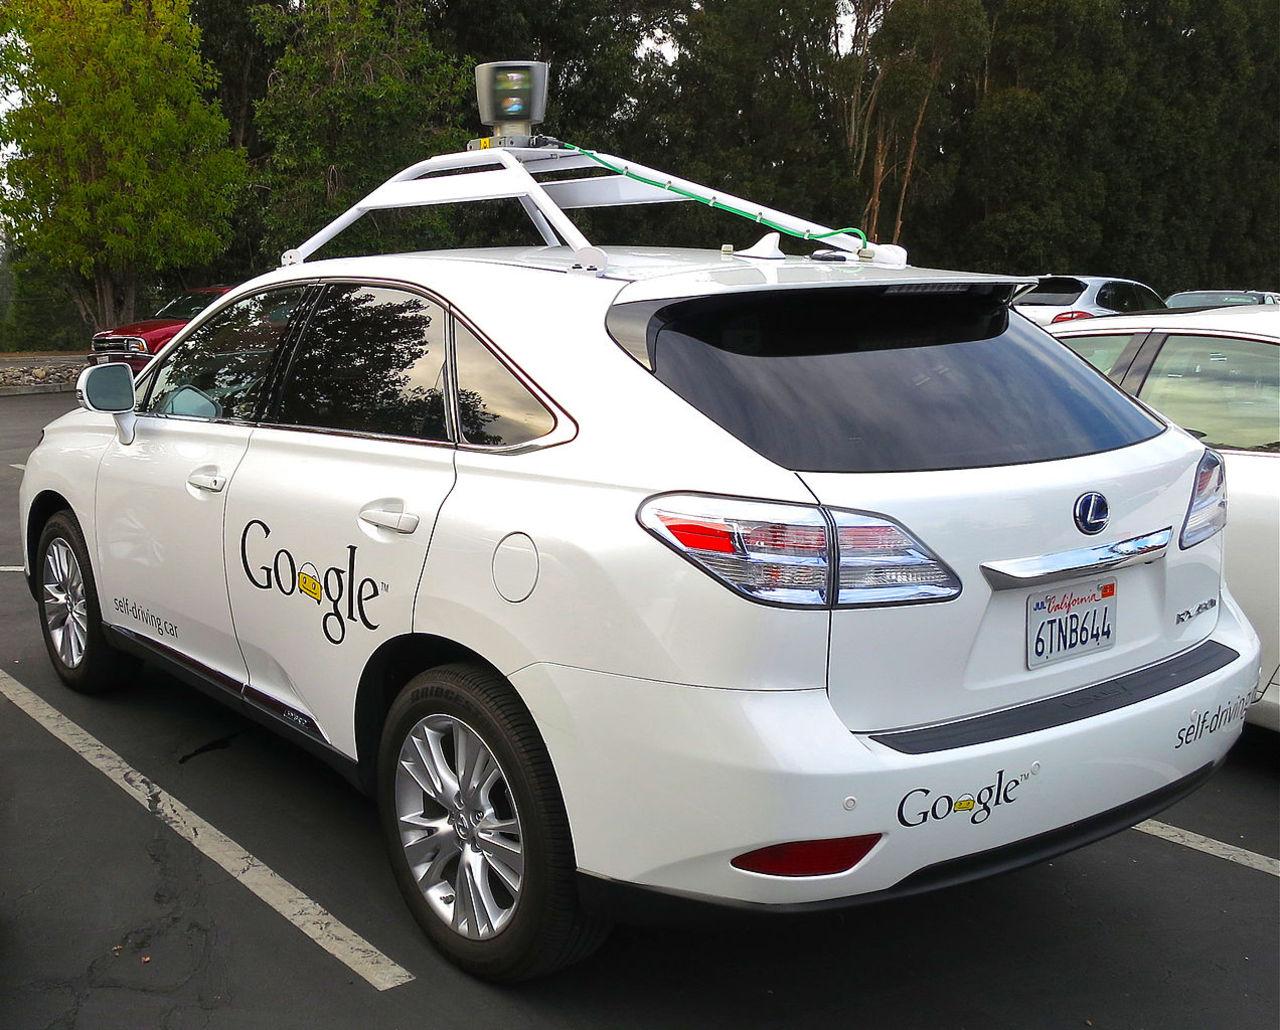 Elva olyckor har skett med Googles självkörande bilar